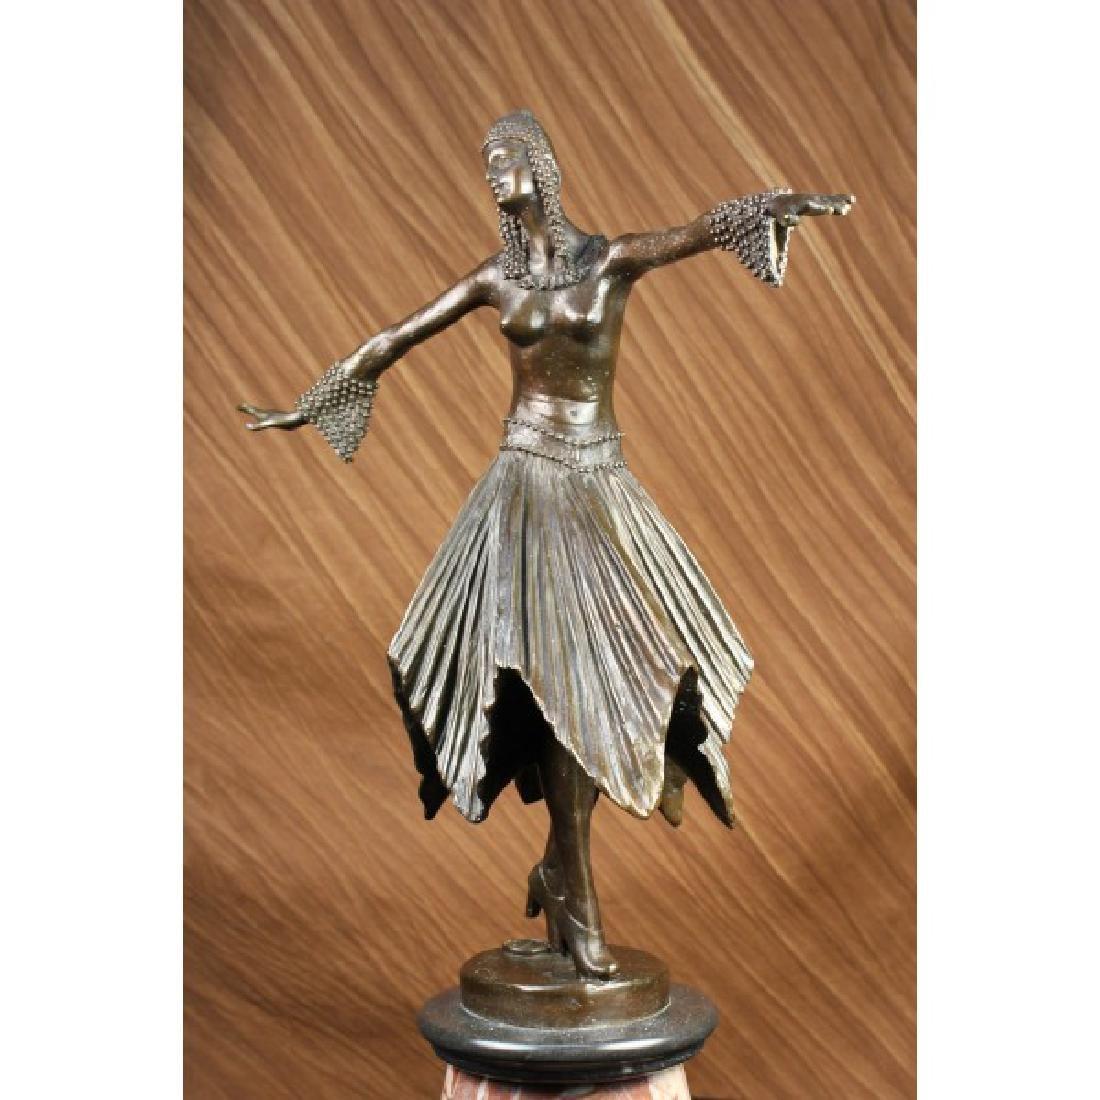 BEAUTIFUL ART DECO BRONZE DANCER BY D.H. CHIPARUS